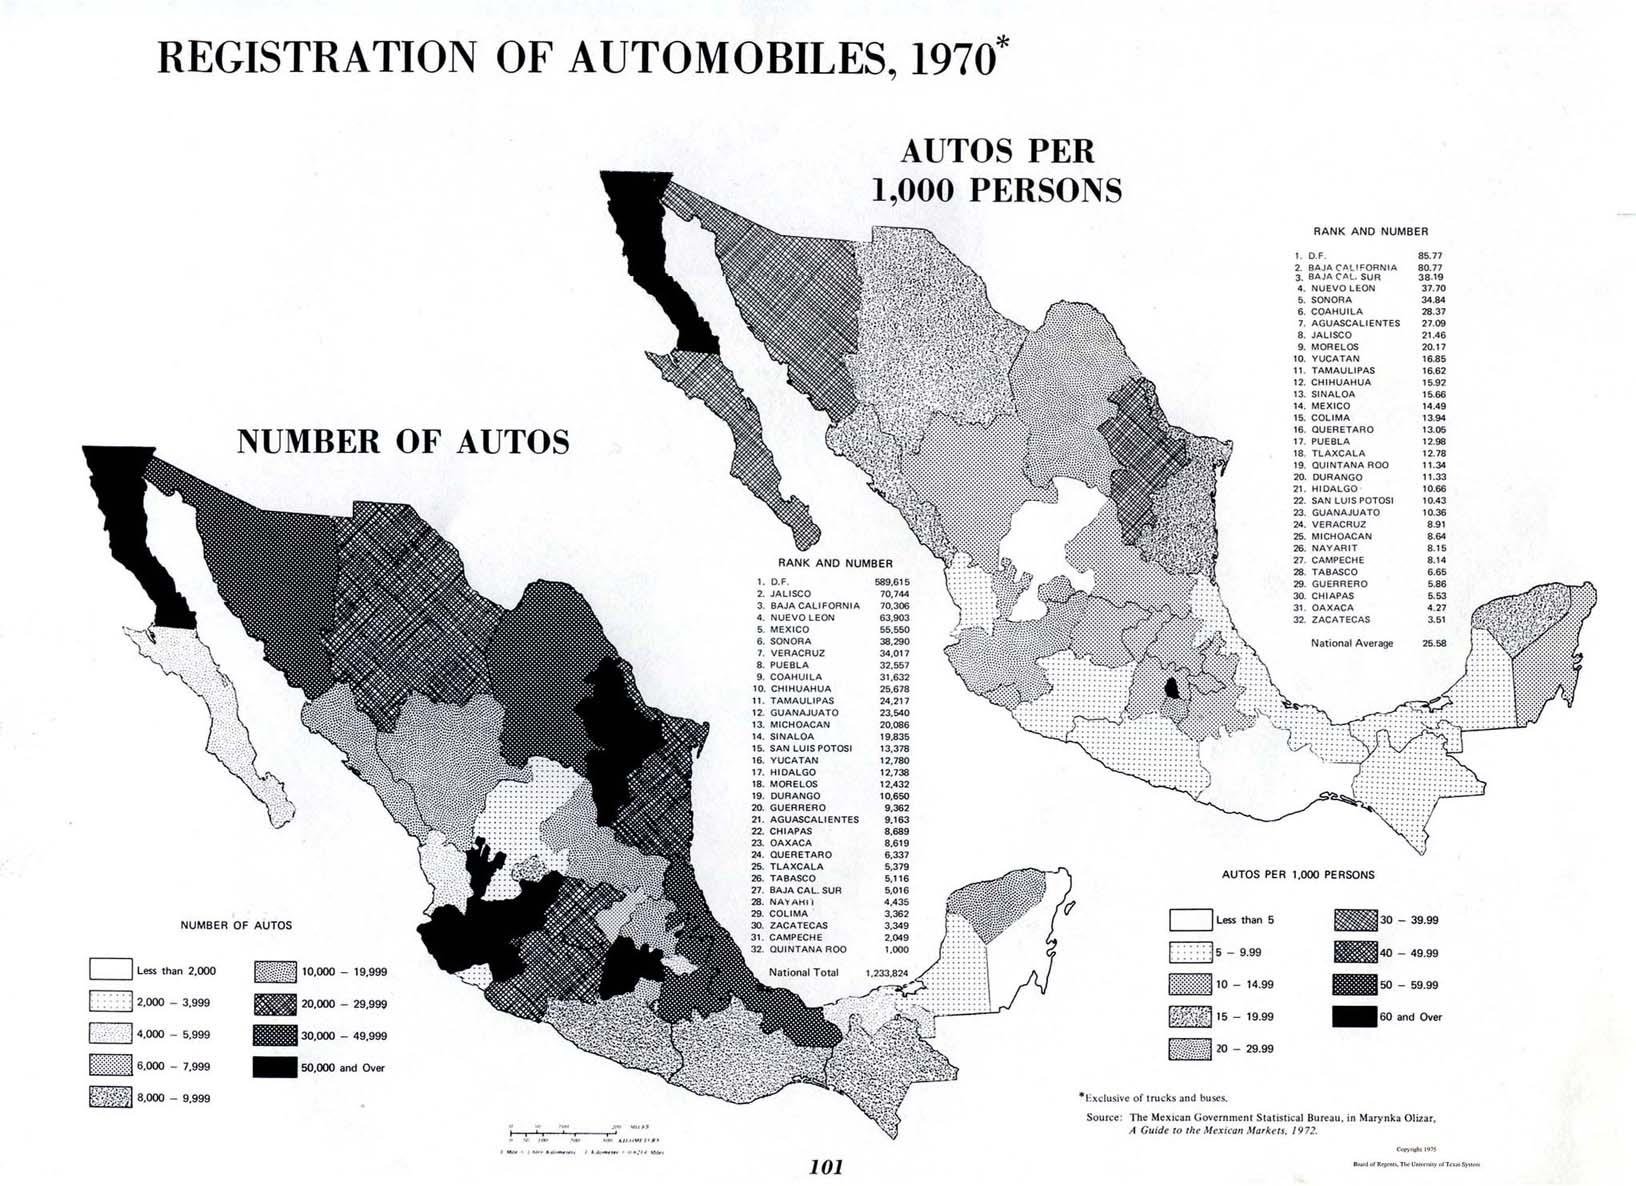 Autos per 1000 Persons,